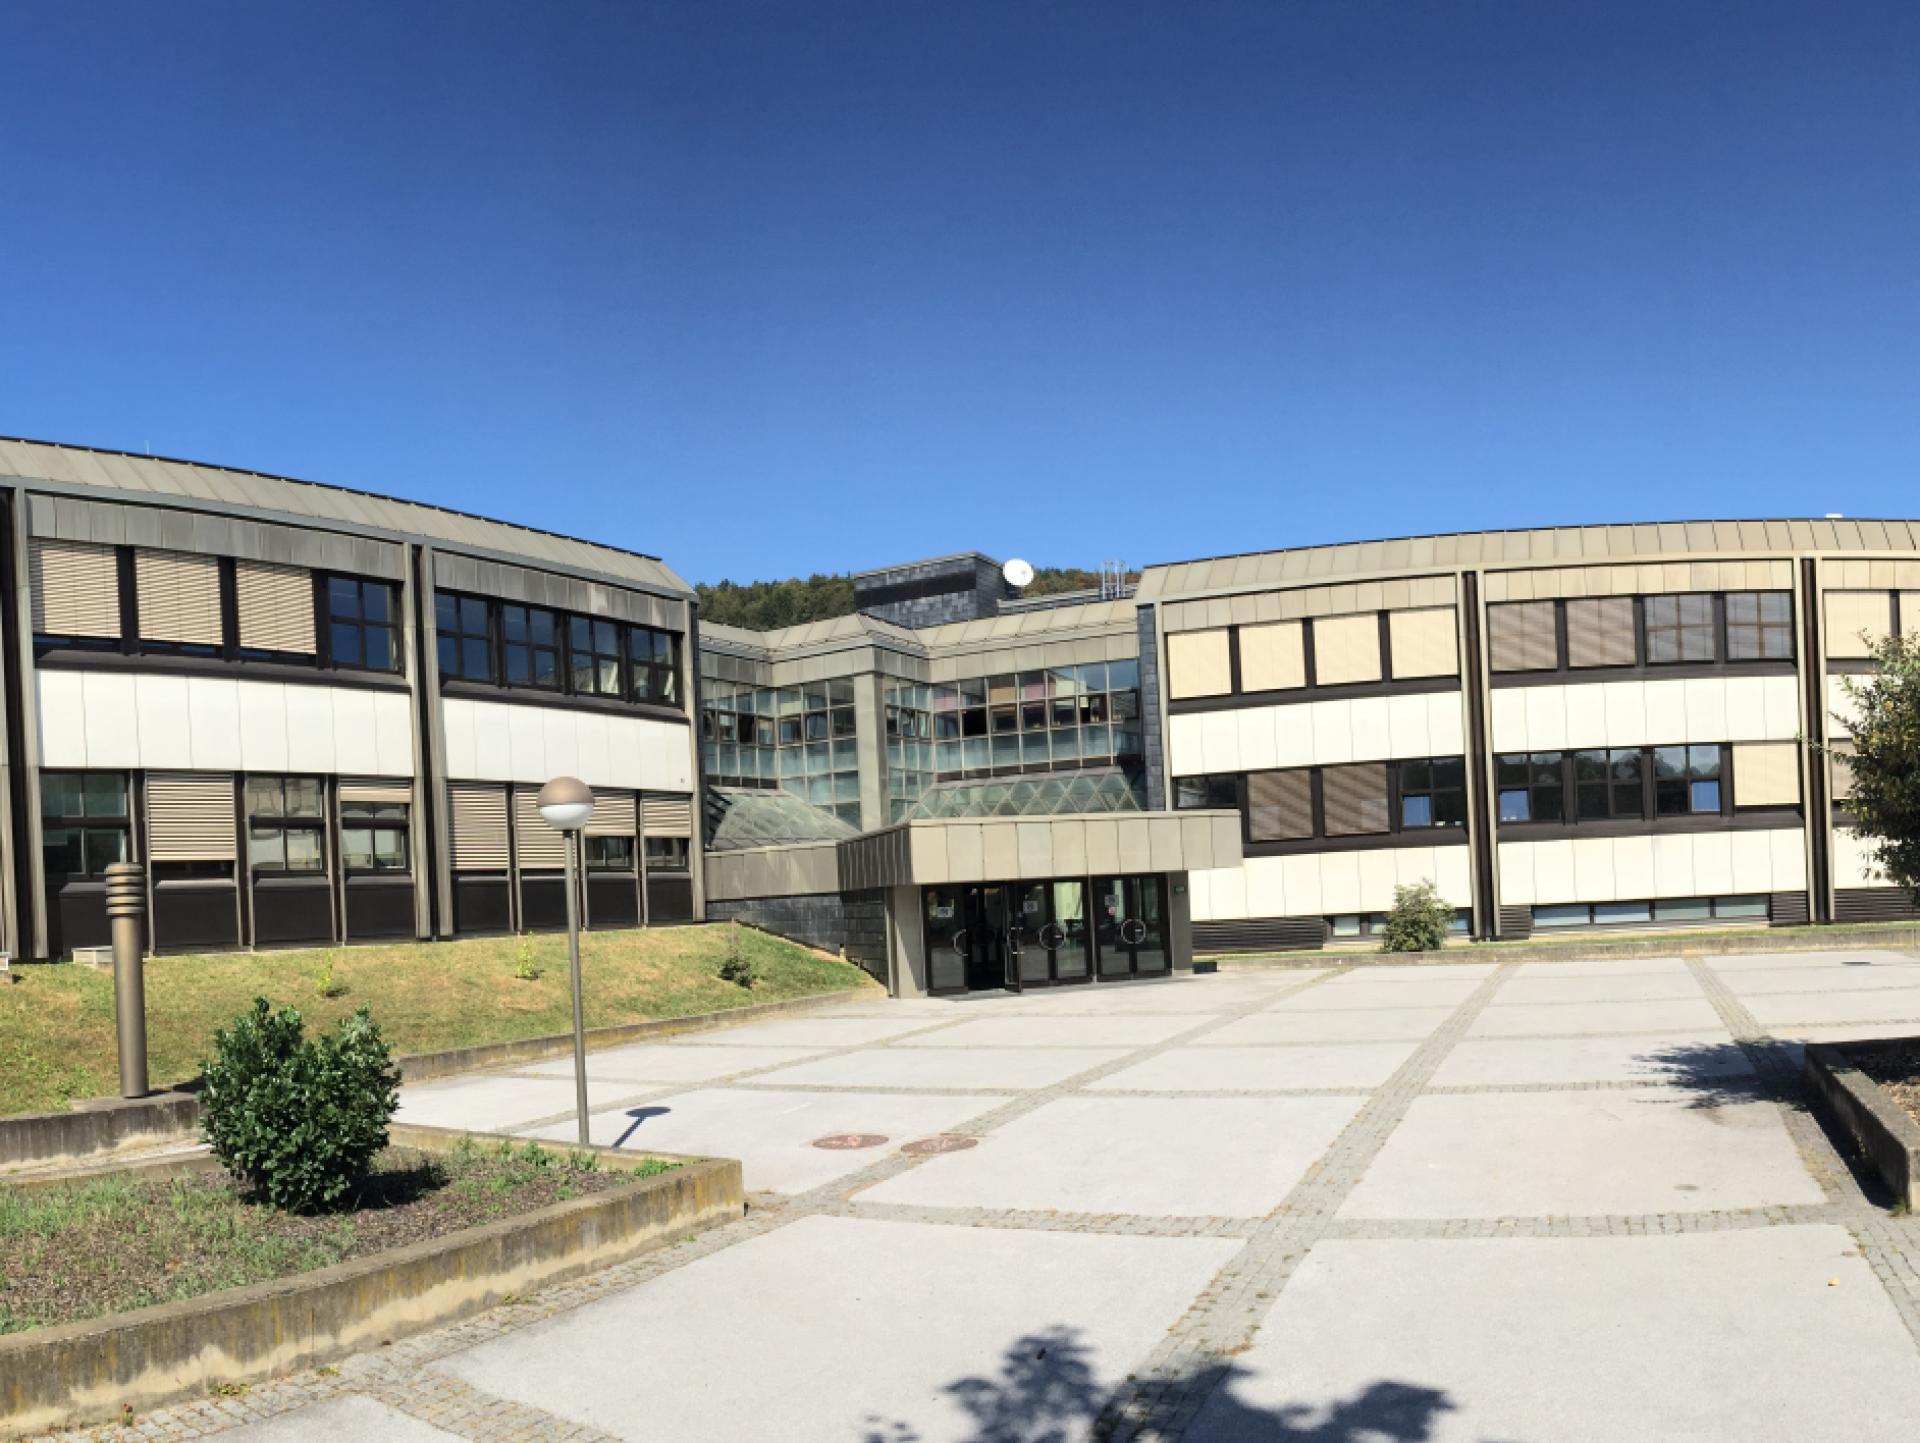 Mood-Image ELIN Referenz: BSSOG Weiz - Generalsanierung Bundesschulzentrum Weiz